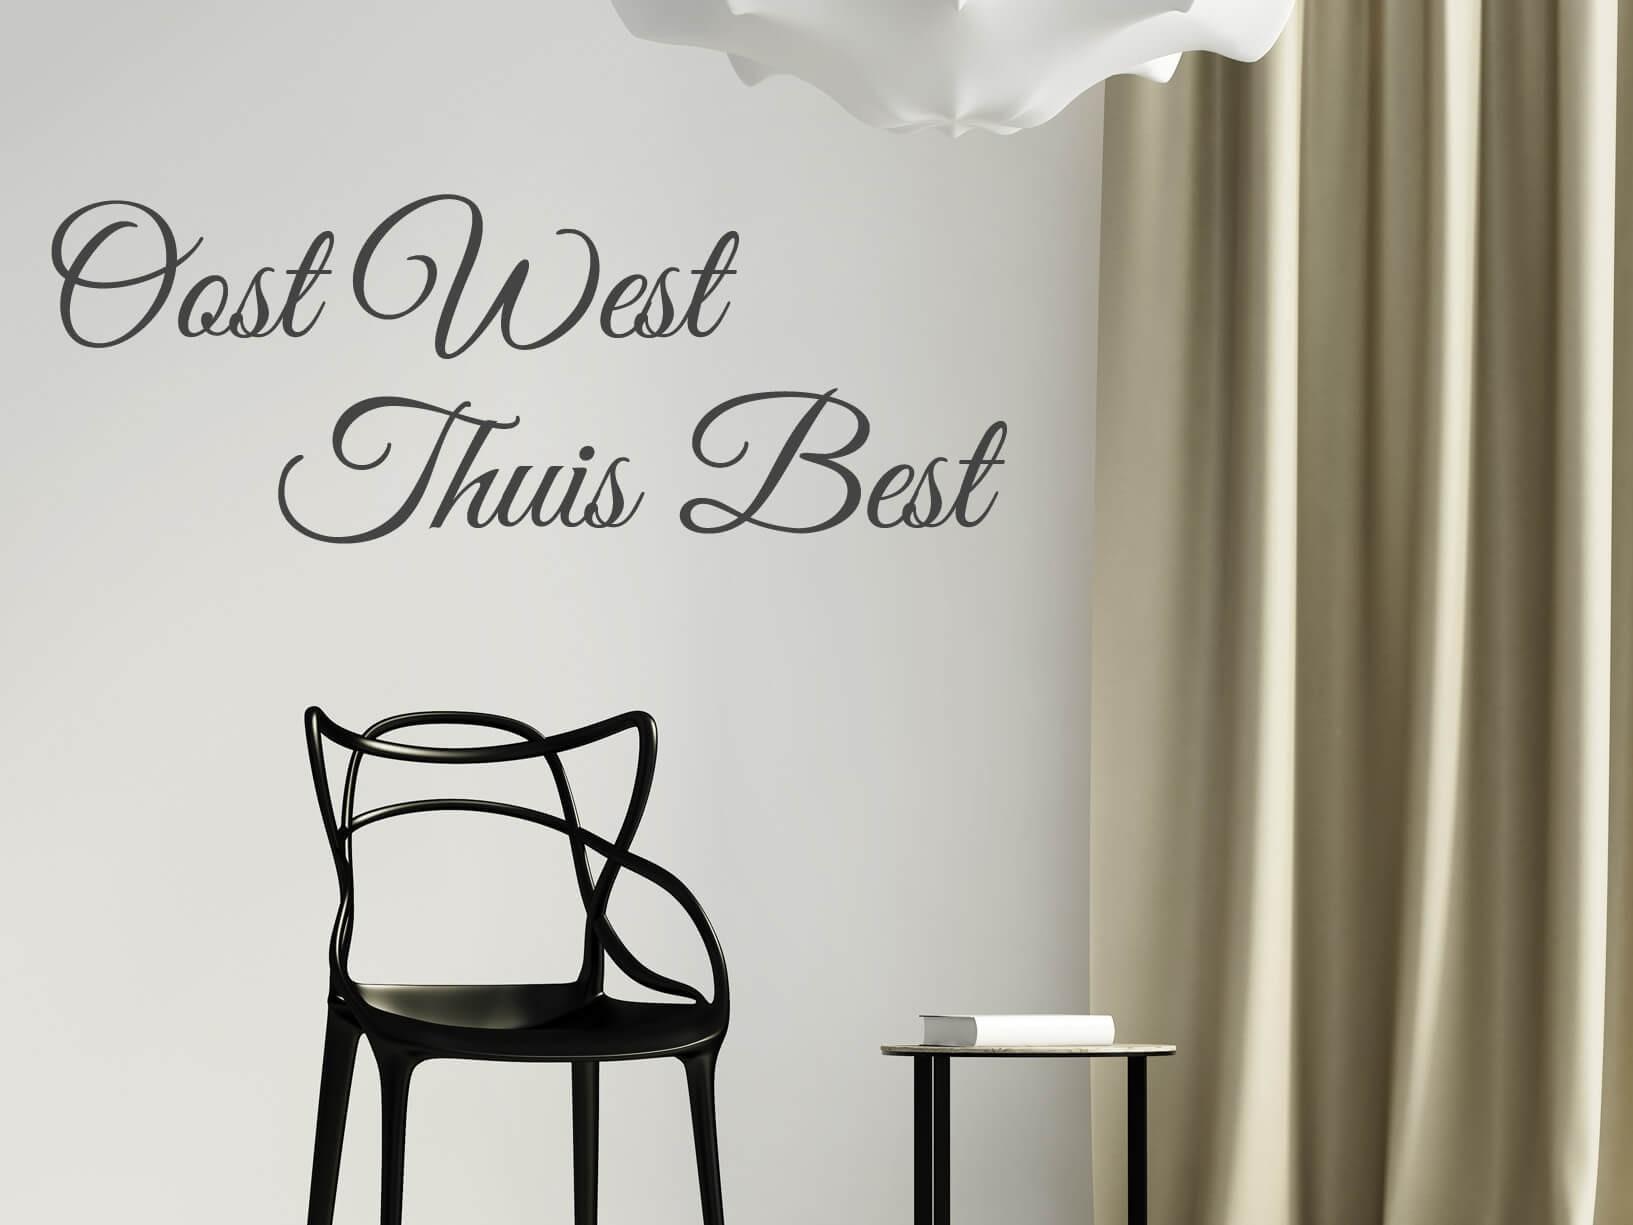 Muursticker Oost west thuis best